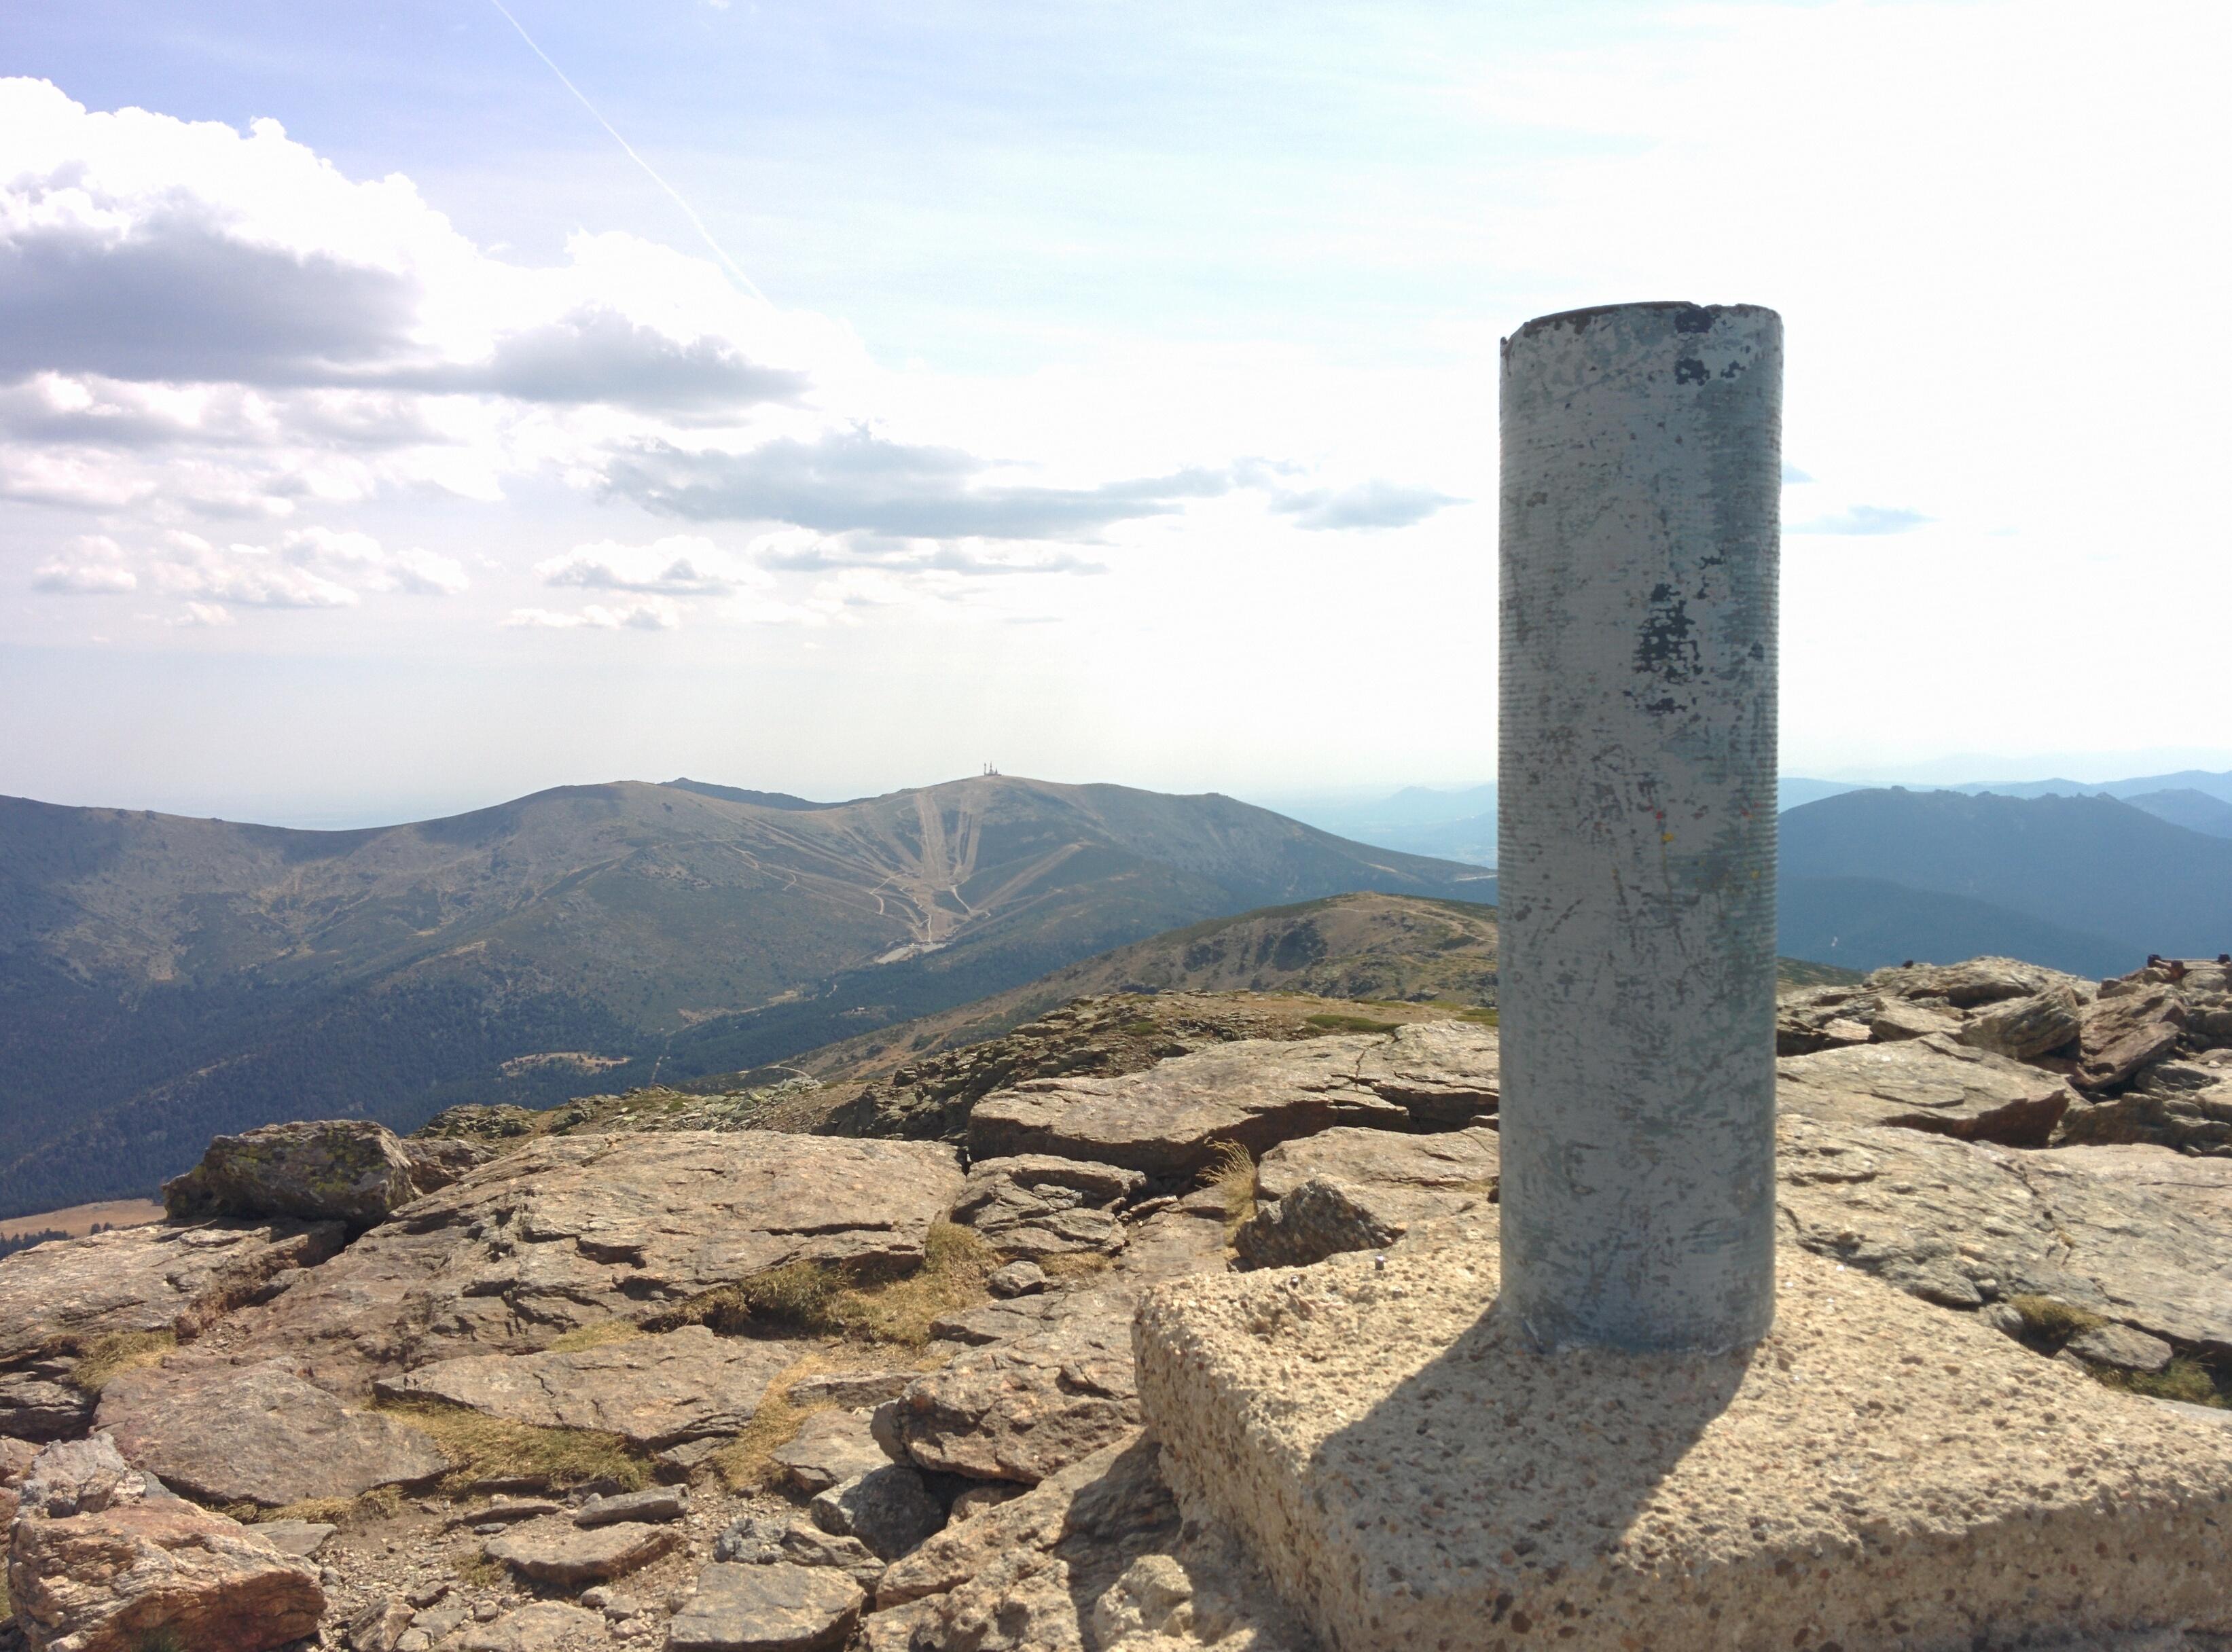 III Trofeo de Cumbres de Castilla y León, El Cainejo